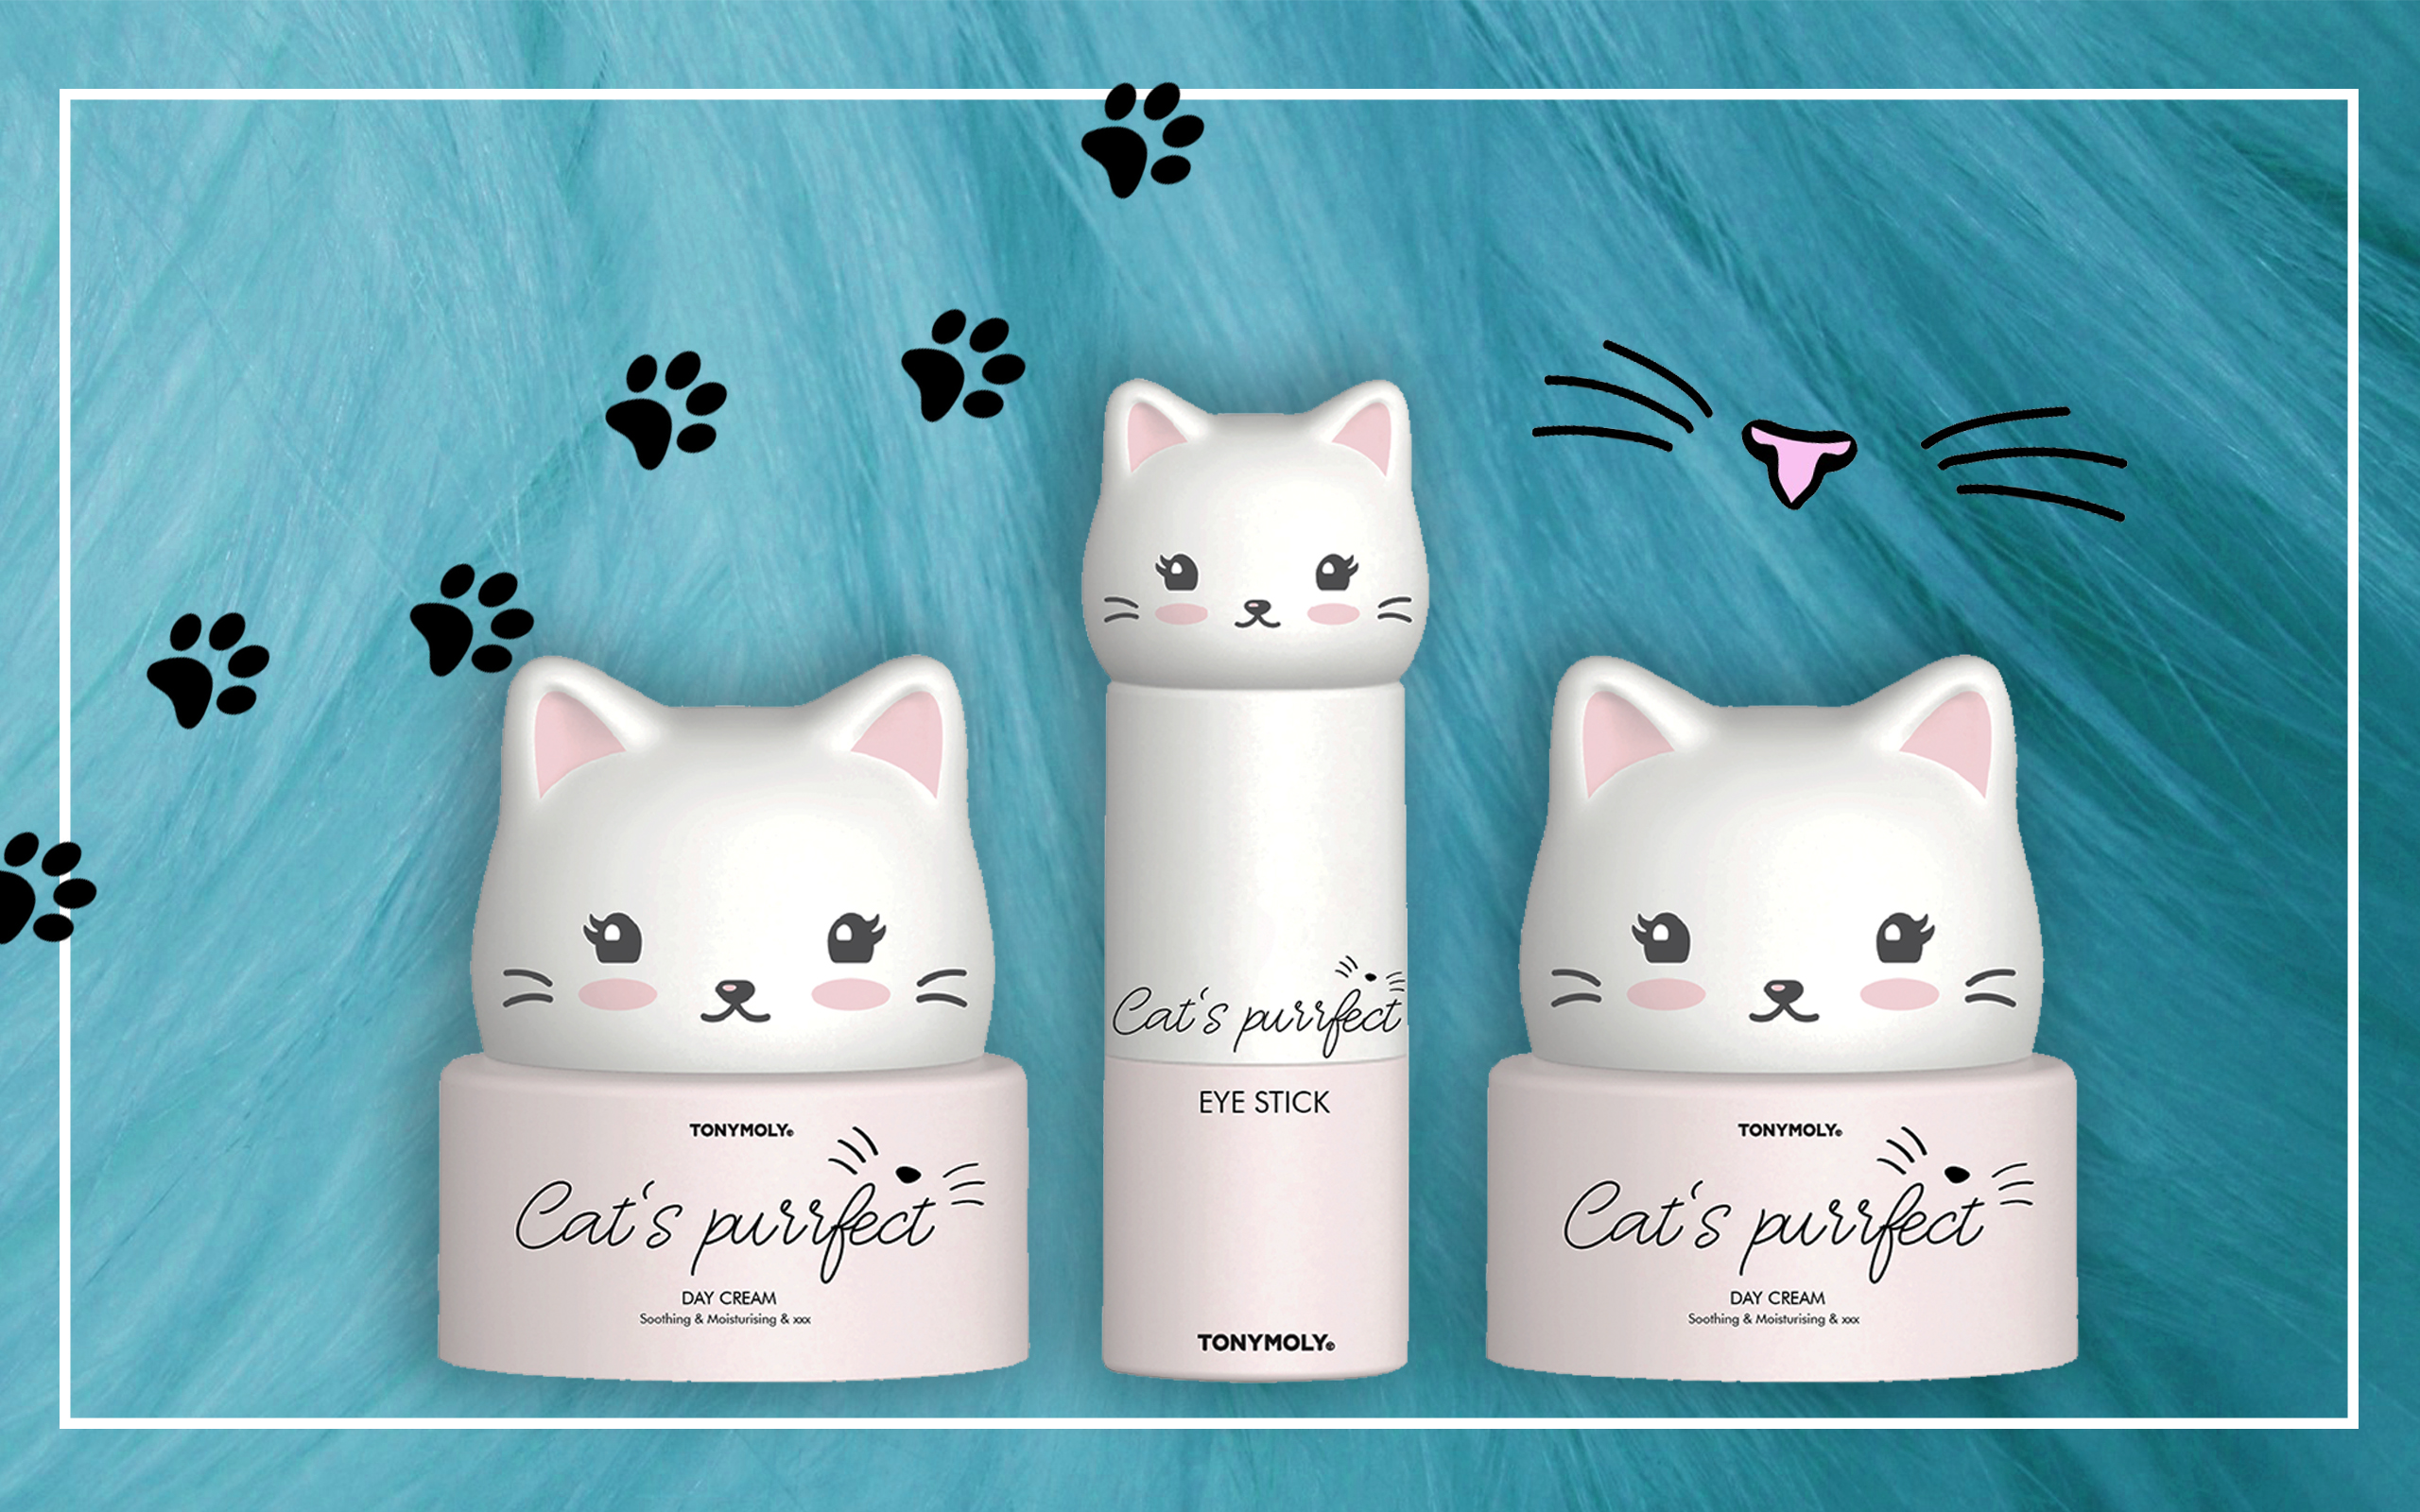 La nuova linea skincare Tony Moly Cat's Purrfect, dal packaging felino e super cute - Review, recensione, info, prezzo, opinioni, dove acquistare, data uscita